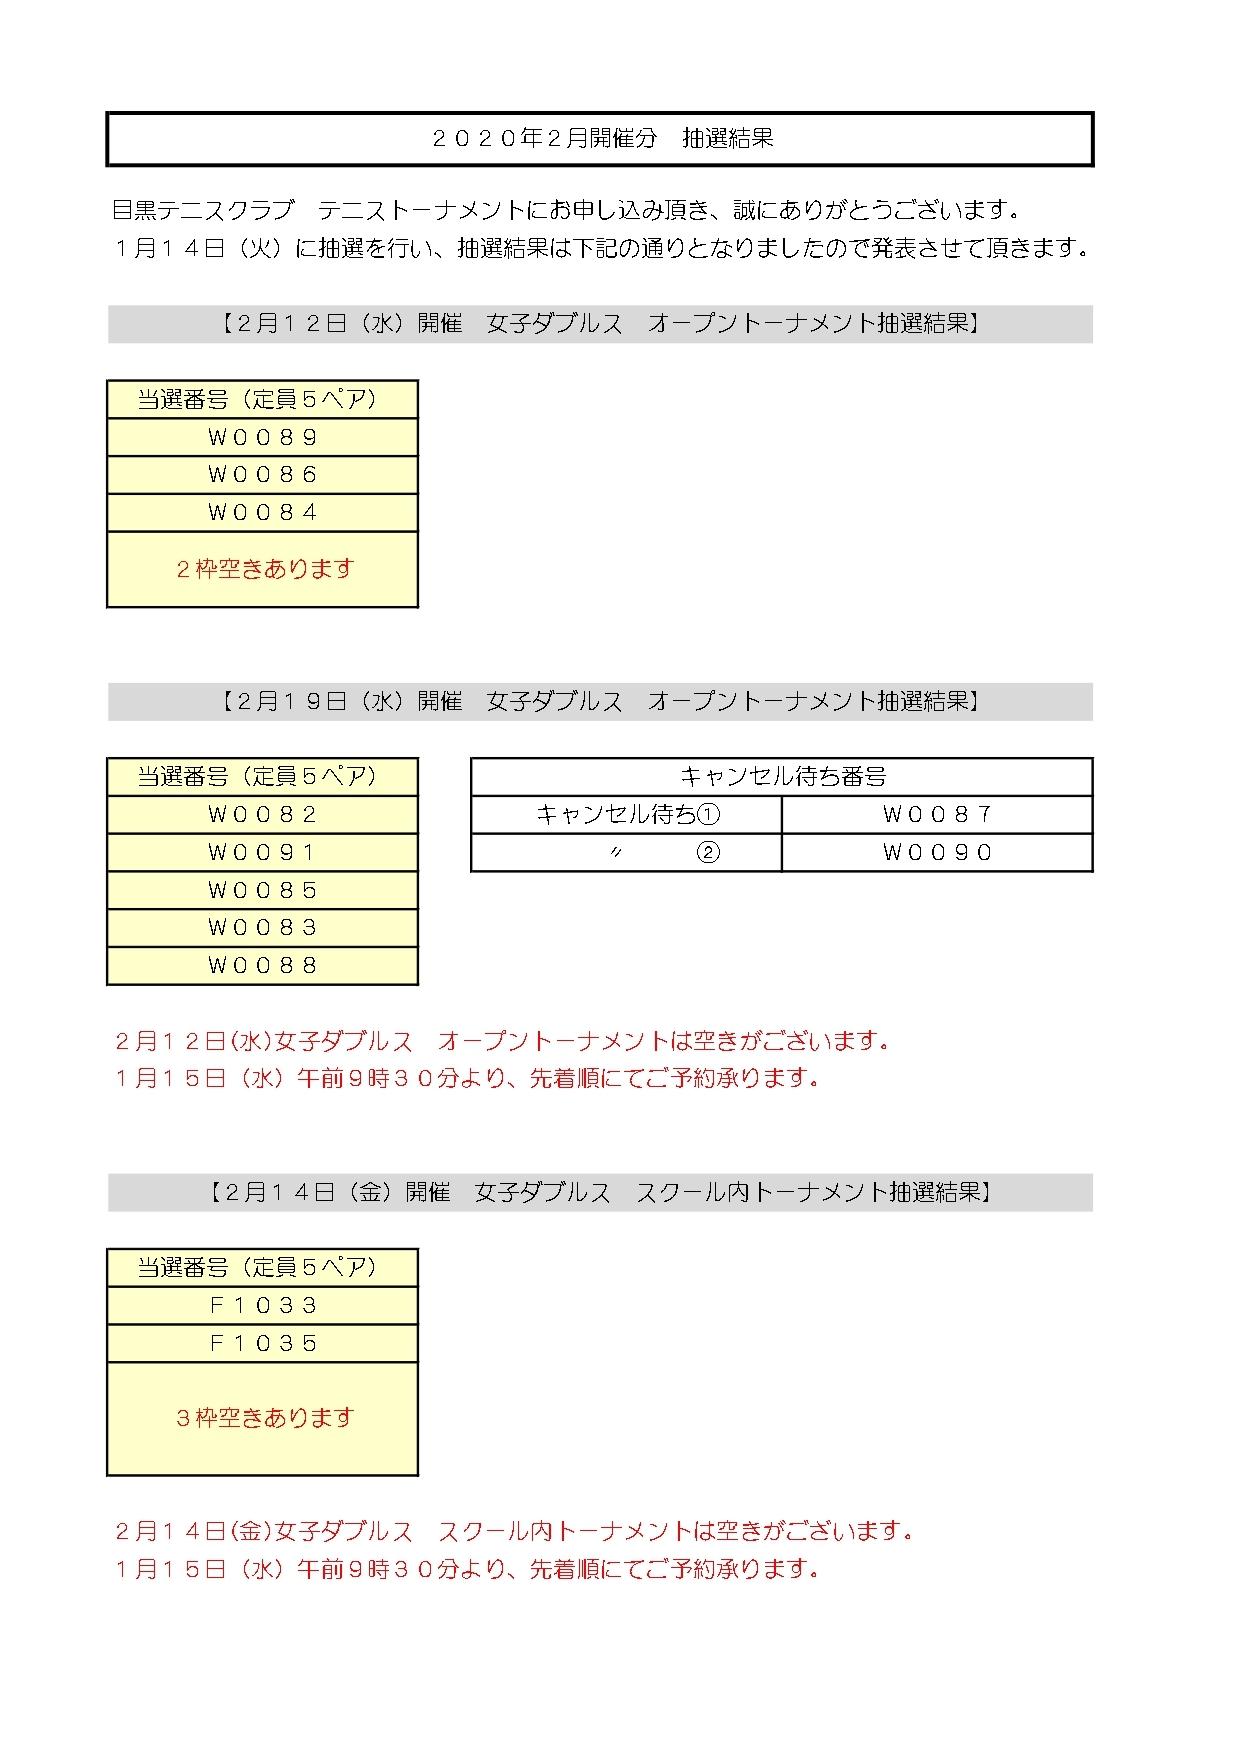 2020.2月トーナメント抽選結果_b0158200_10025812.jpg